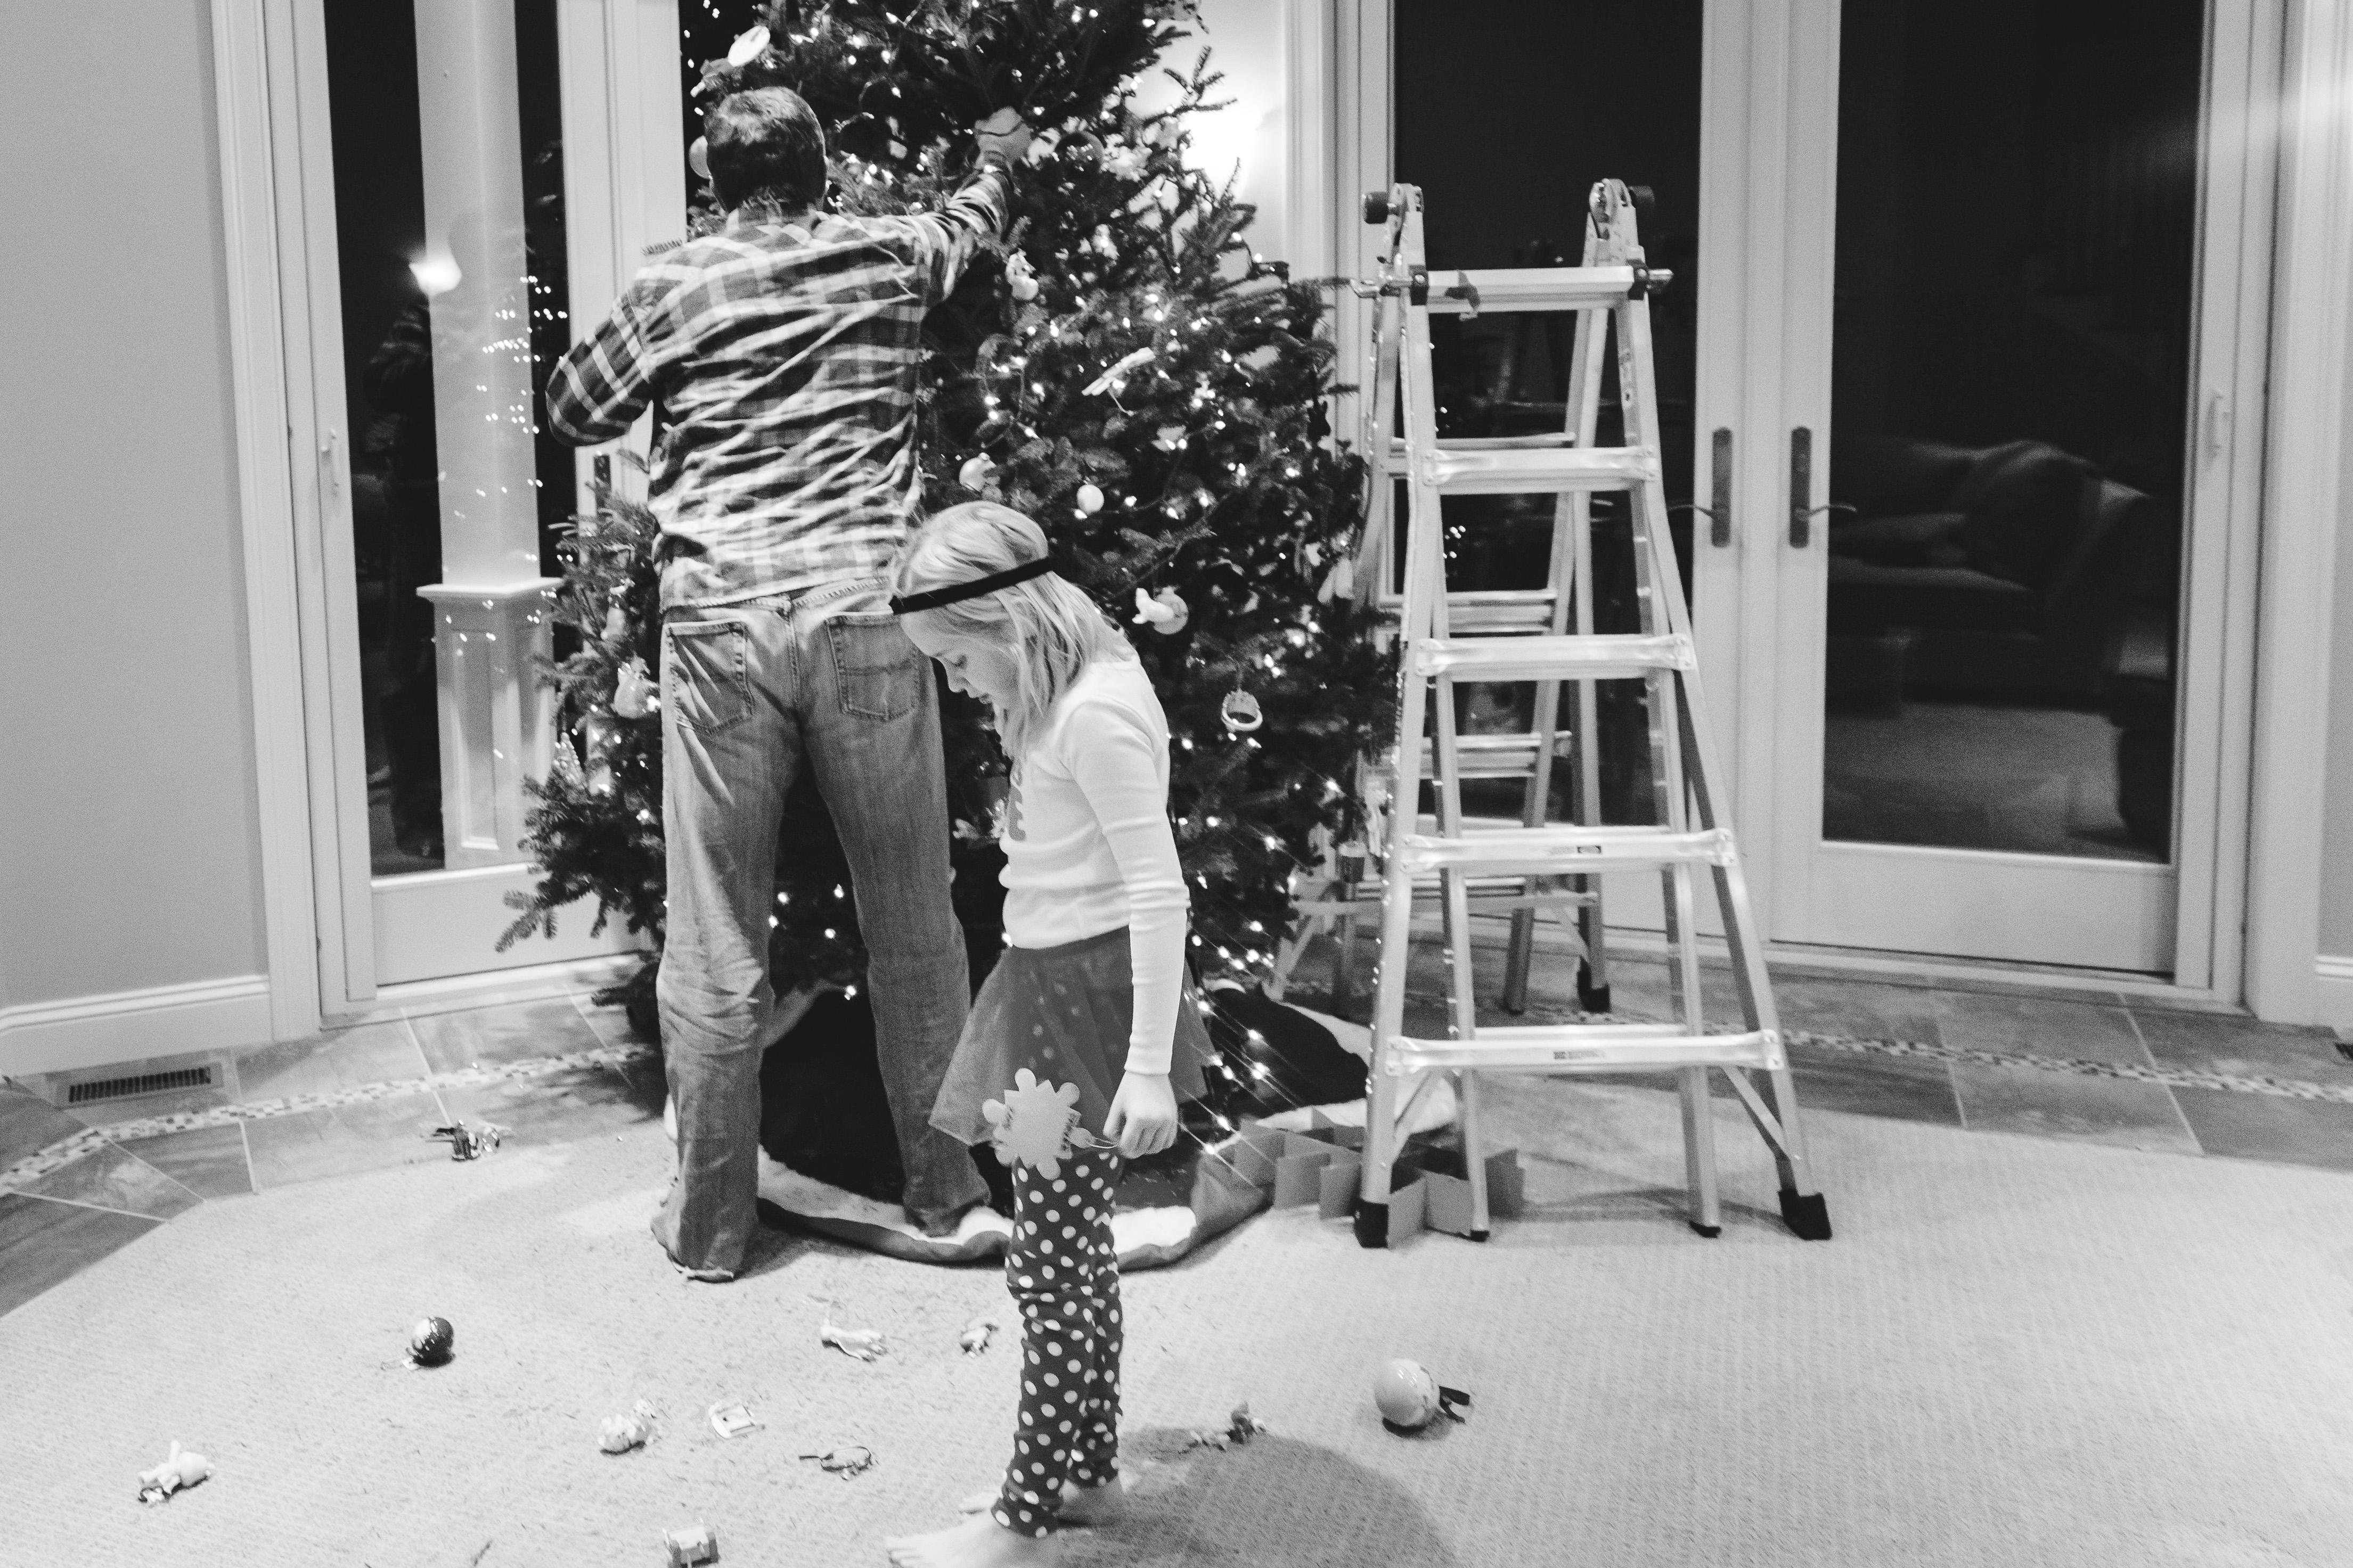 little girl looking at broken ornaments on floor